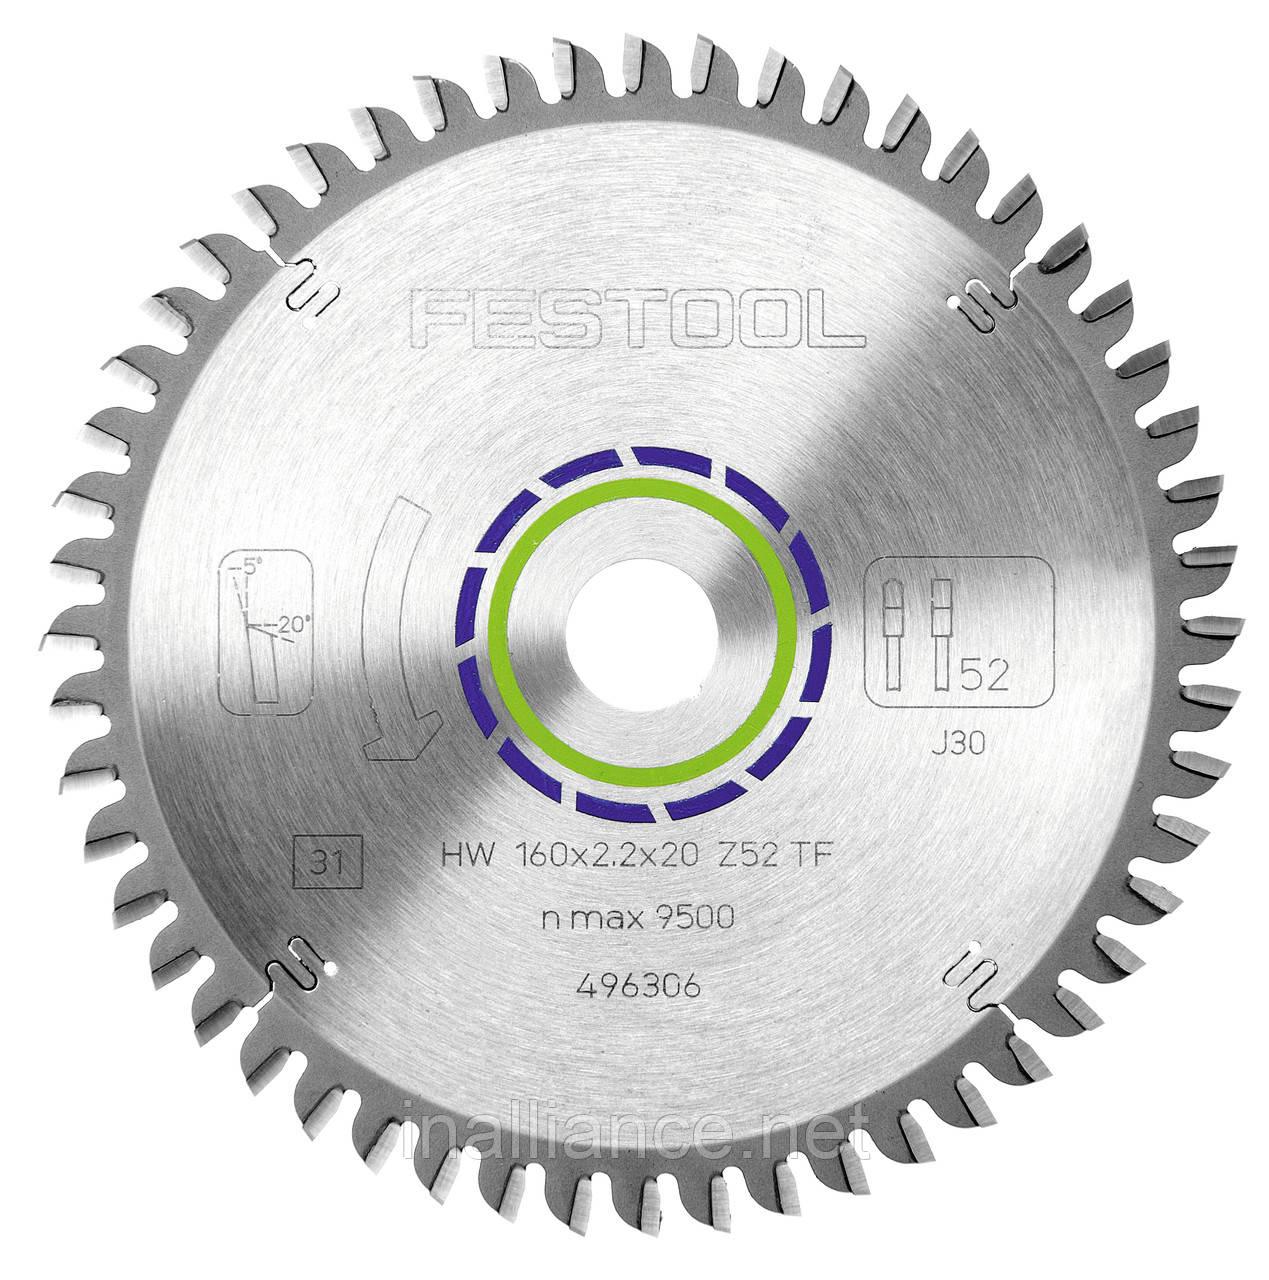 Пильный диск с трапециевидными плоскими зубьями для алюминия 160 х 20  х 2,2 мм TF52 Festool 496306